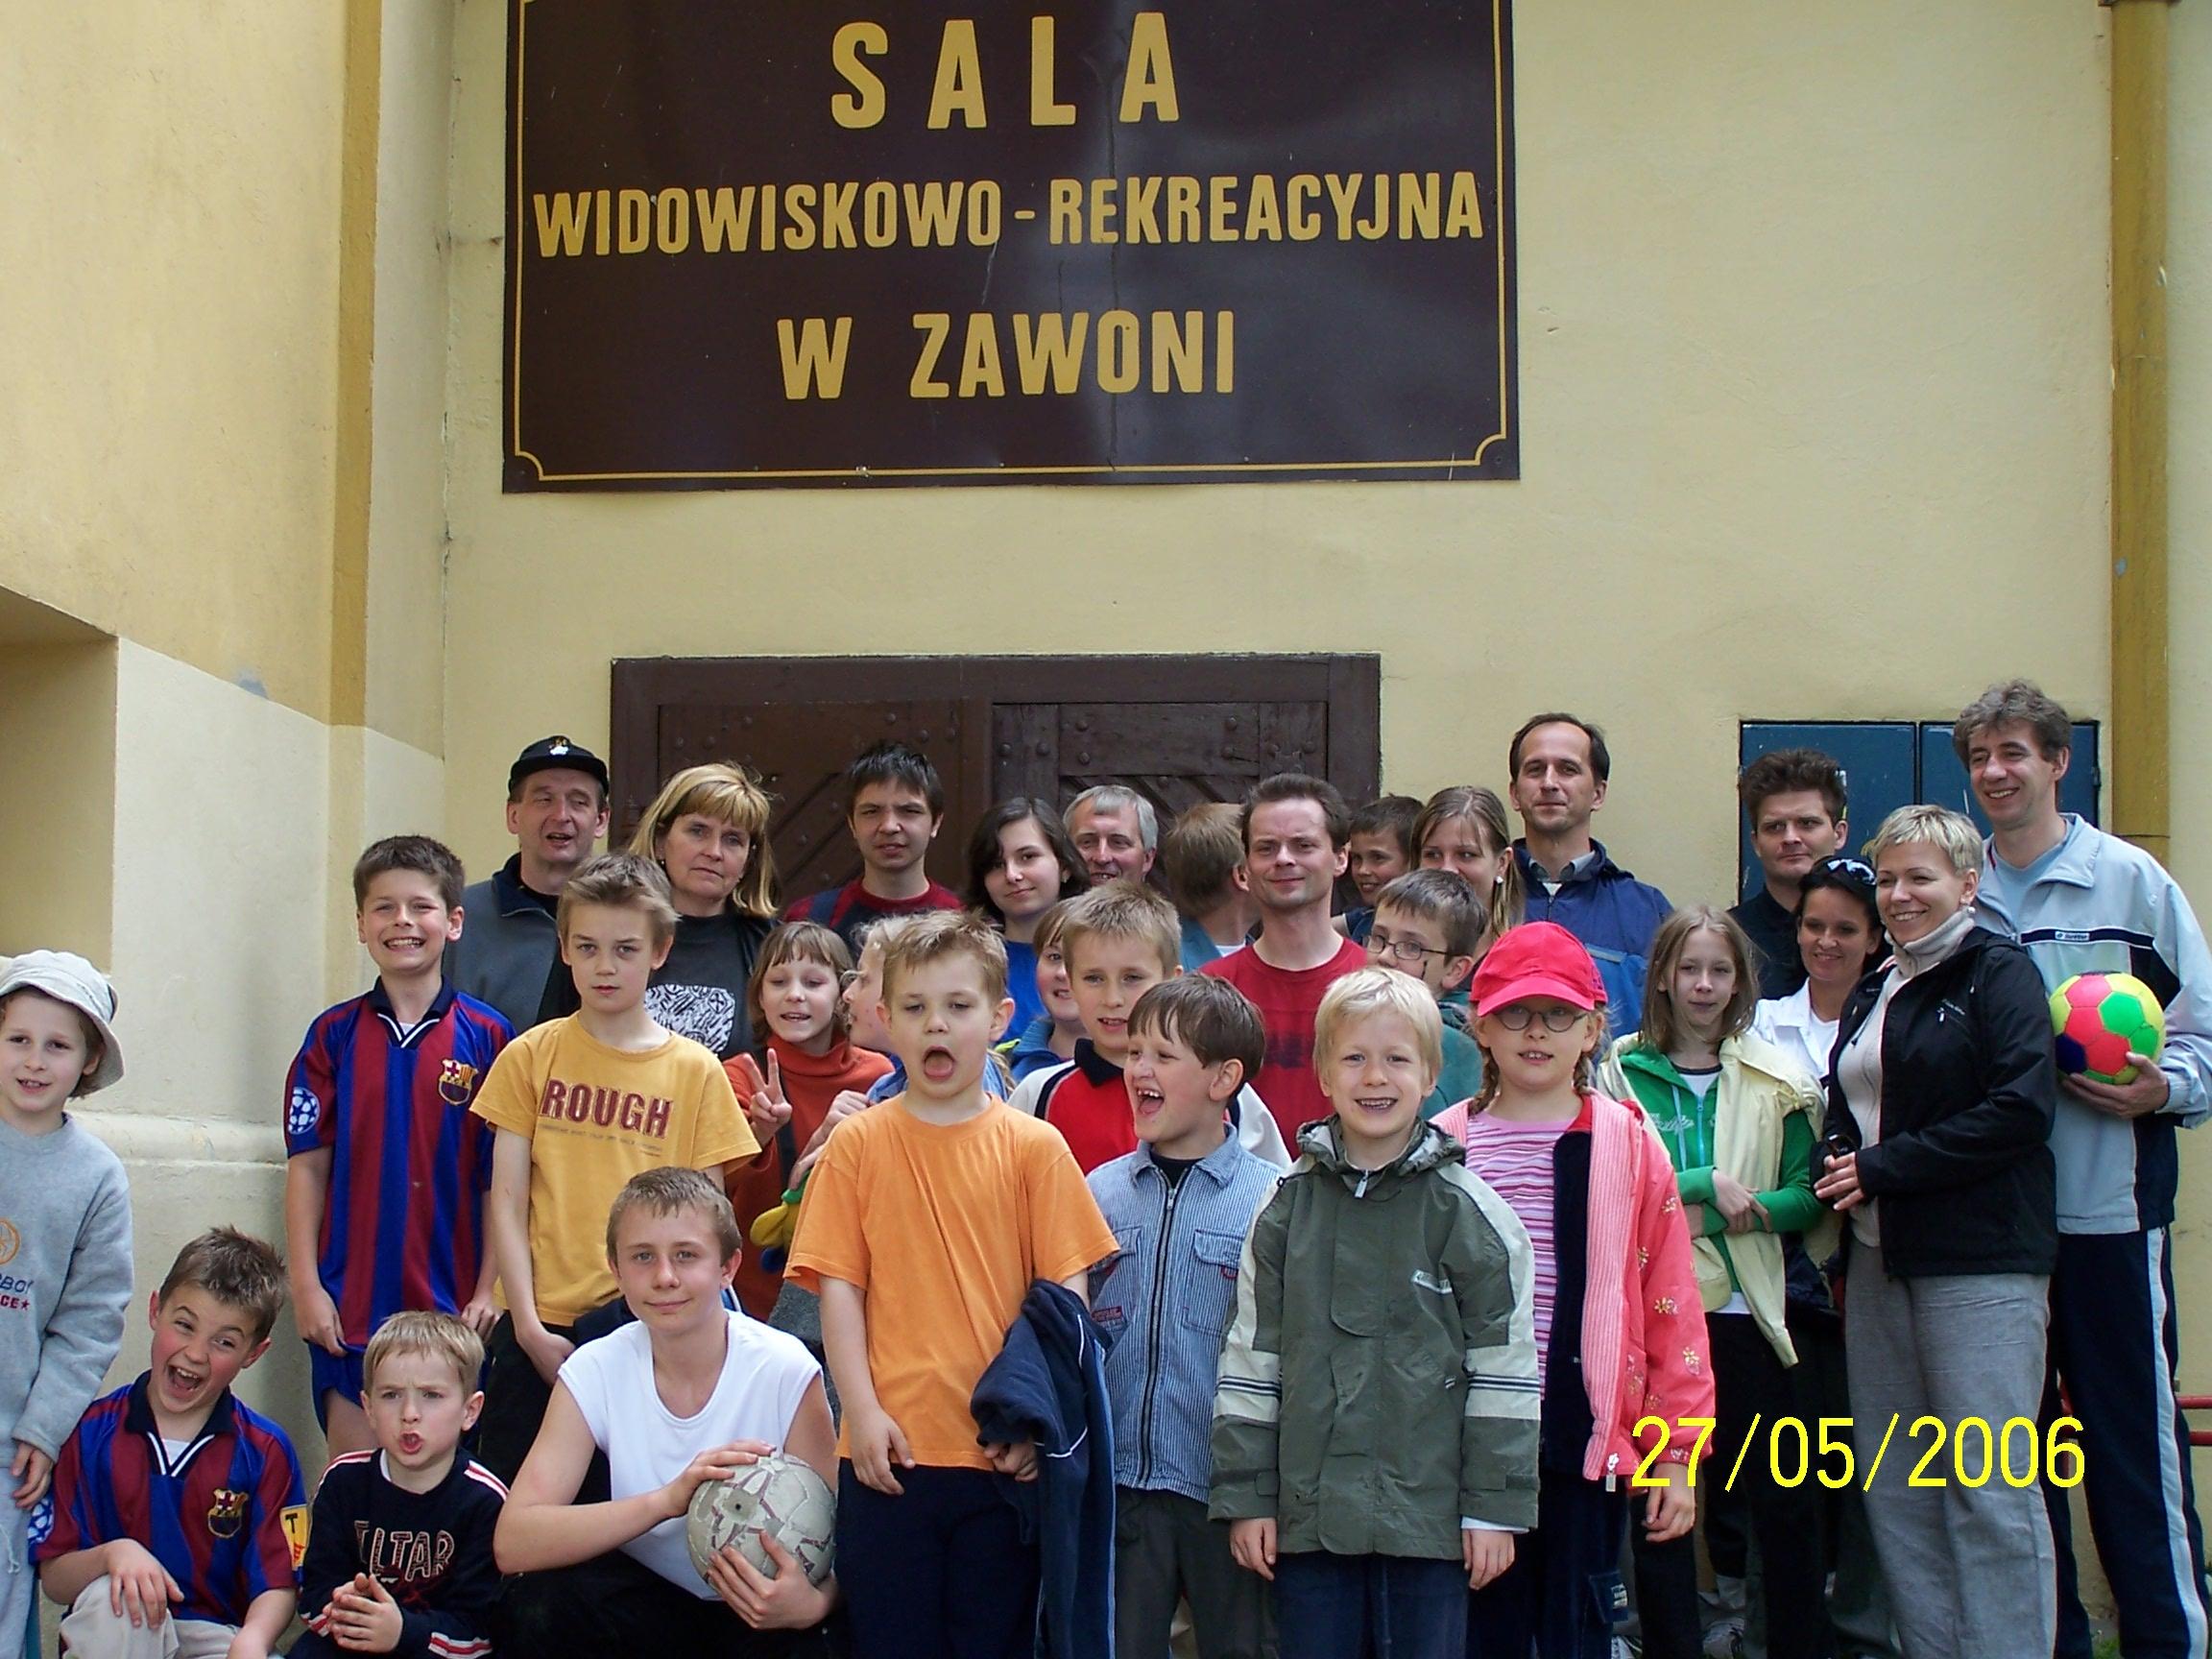 Zawonia, 27.05.2006.